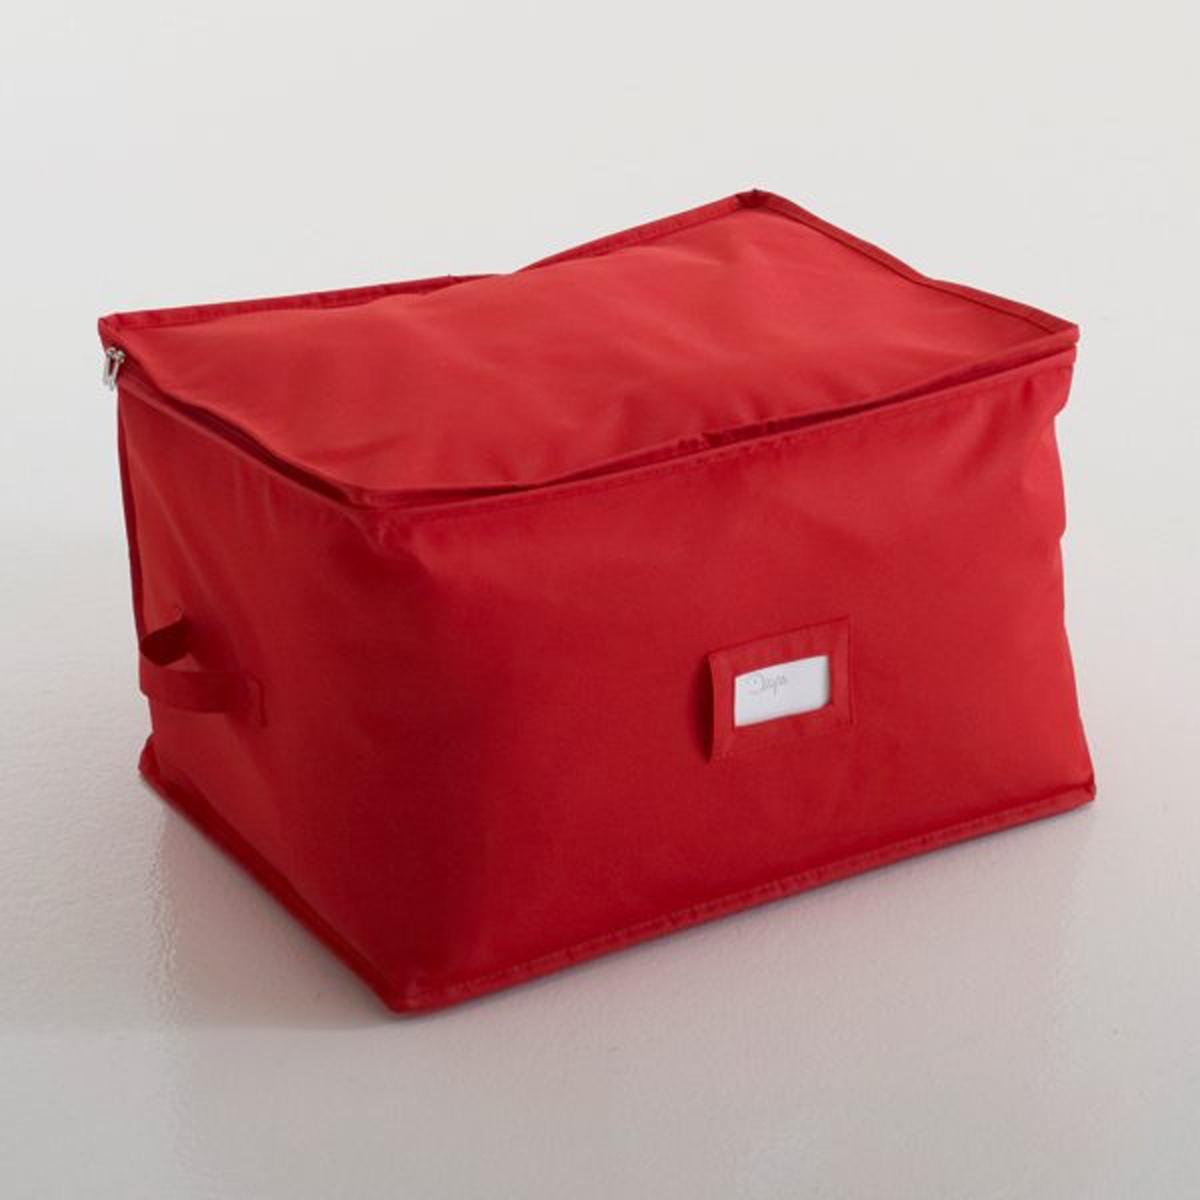 Чехол для хранения, Ш.47 x В.37 x Г.30 см ящик для хранения hausmann без крышки цвет коричневый 31 x 34 x 29 5 см